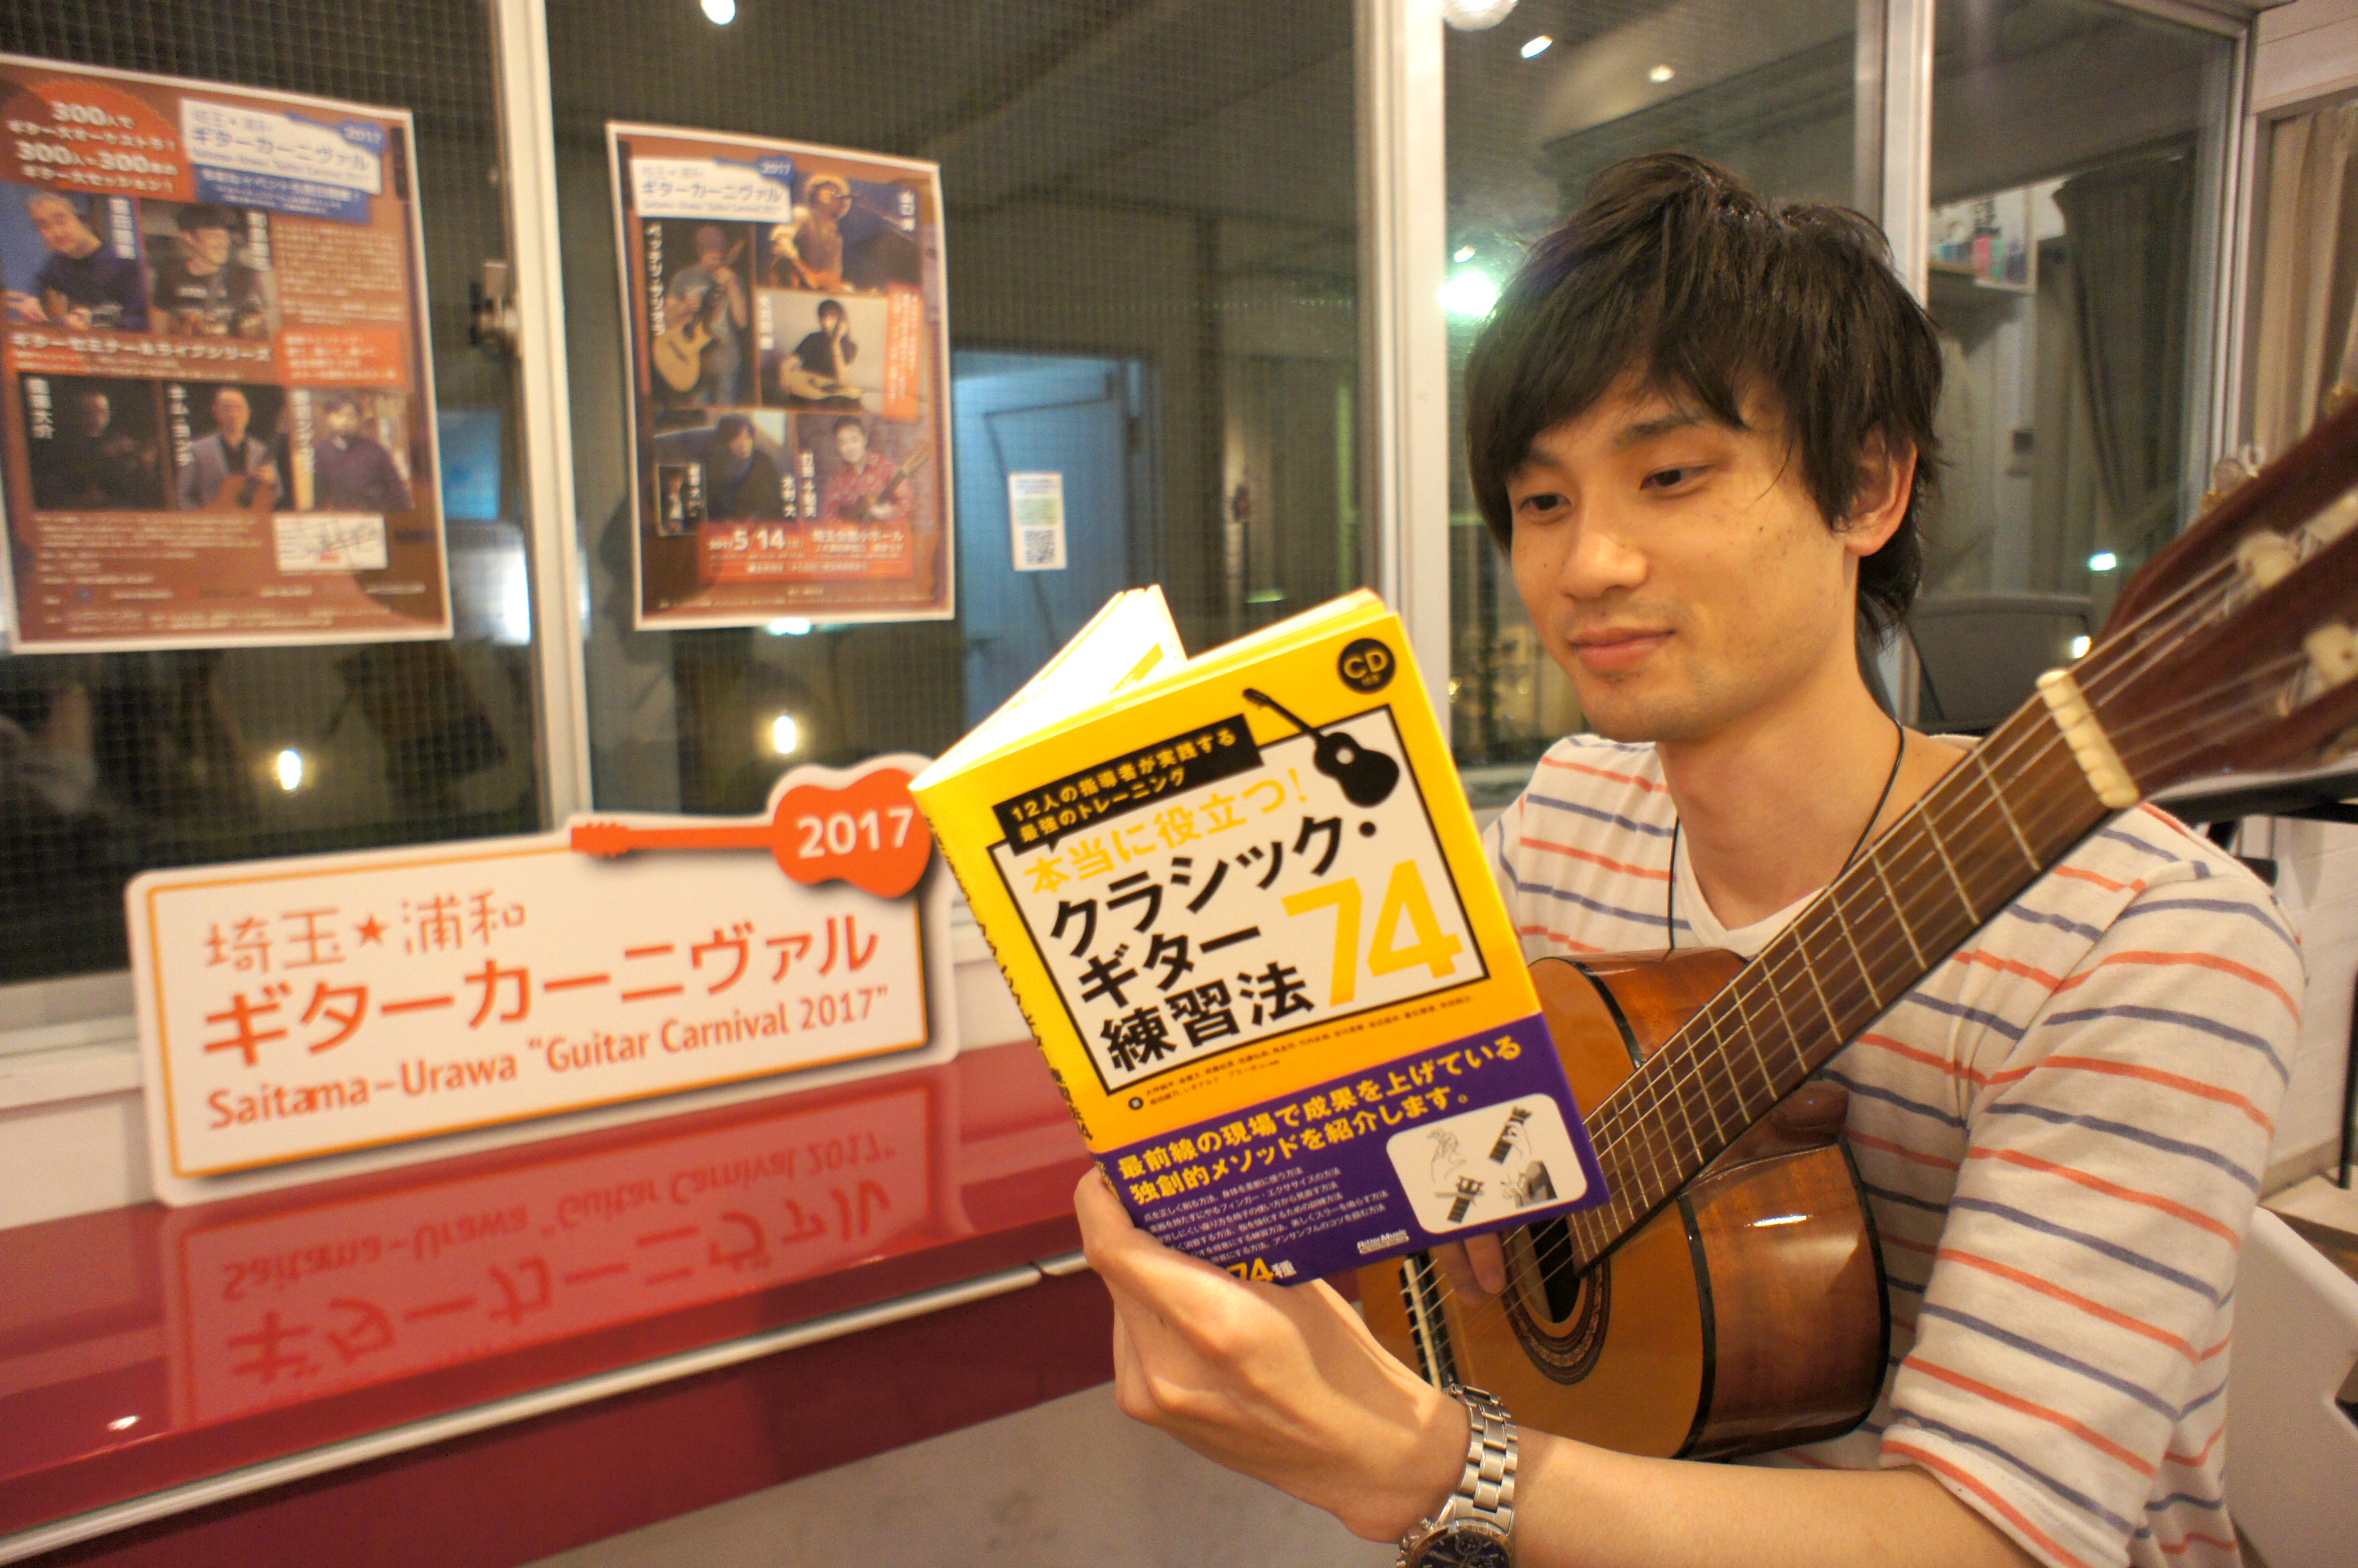 クラシックギター!キム・ヨンテの魅力に迫る!!